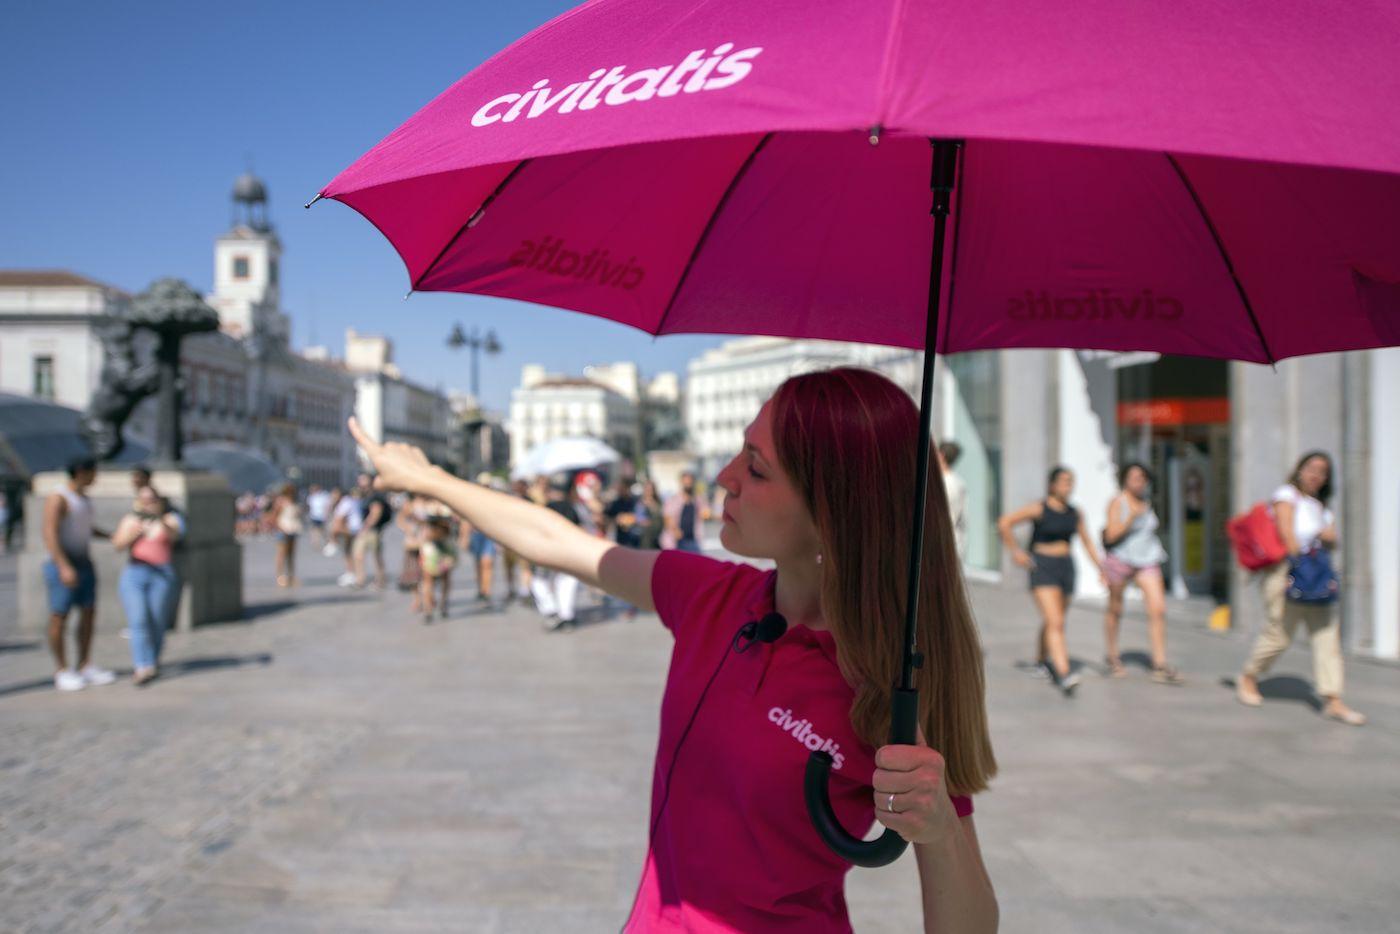 Civitatis ofrece más de 100 free tours por España, una opción ideal para descubrir los atractivos turísticos nacionales ahorrando dinero.